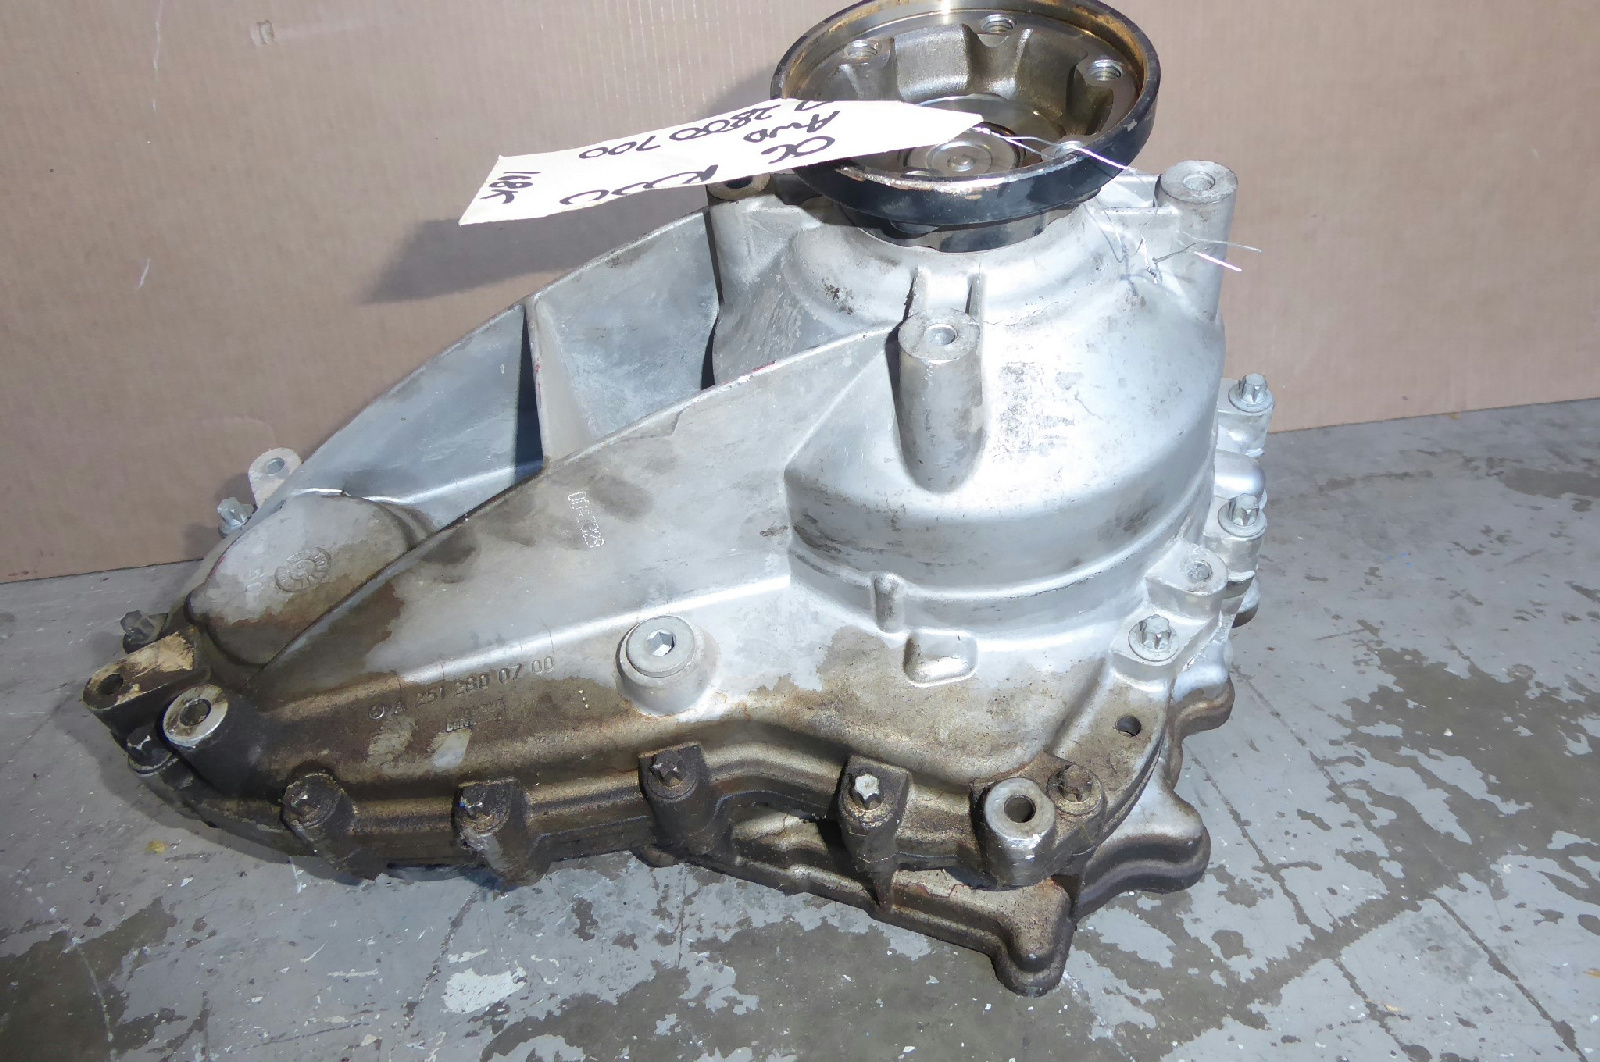 06 11 mercedes r350 ml350 gl450 awd transfer case gear box for Mercedes benz transfer case recall